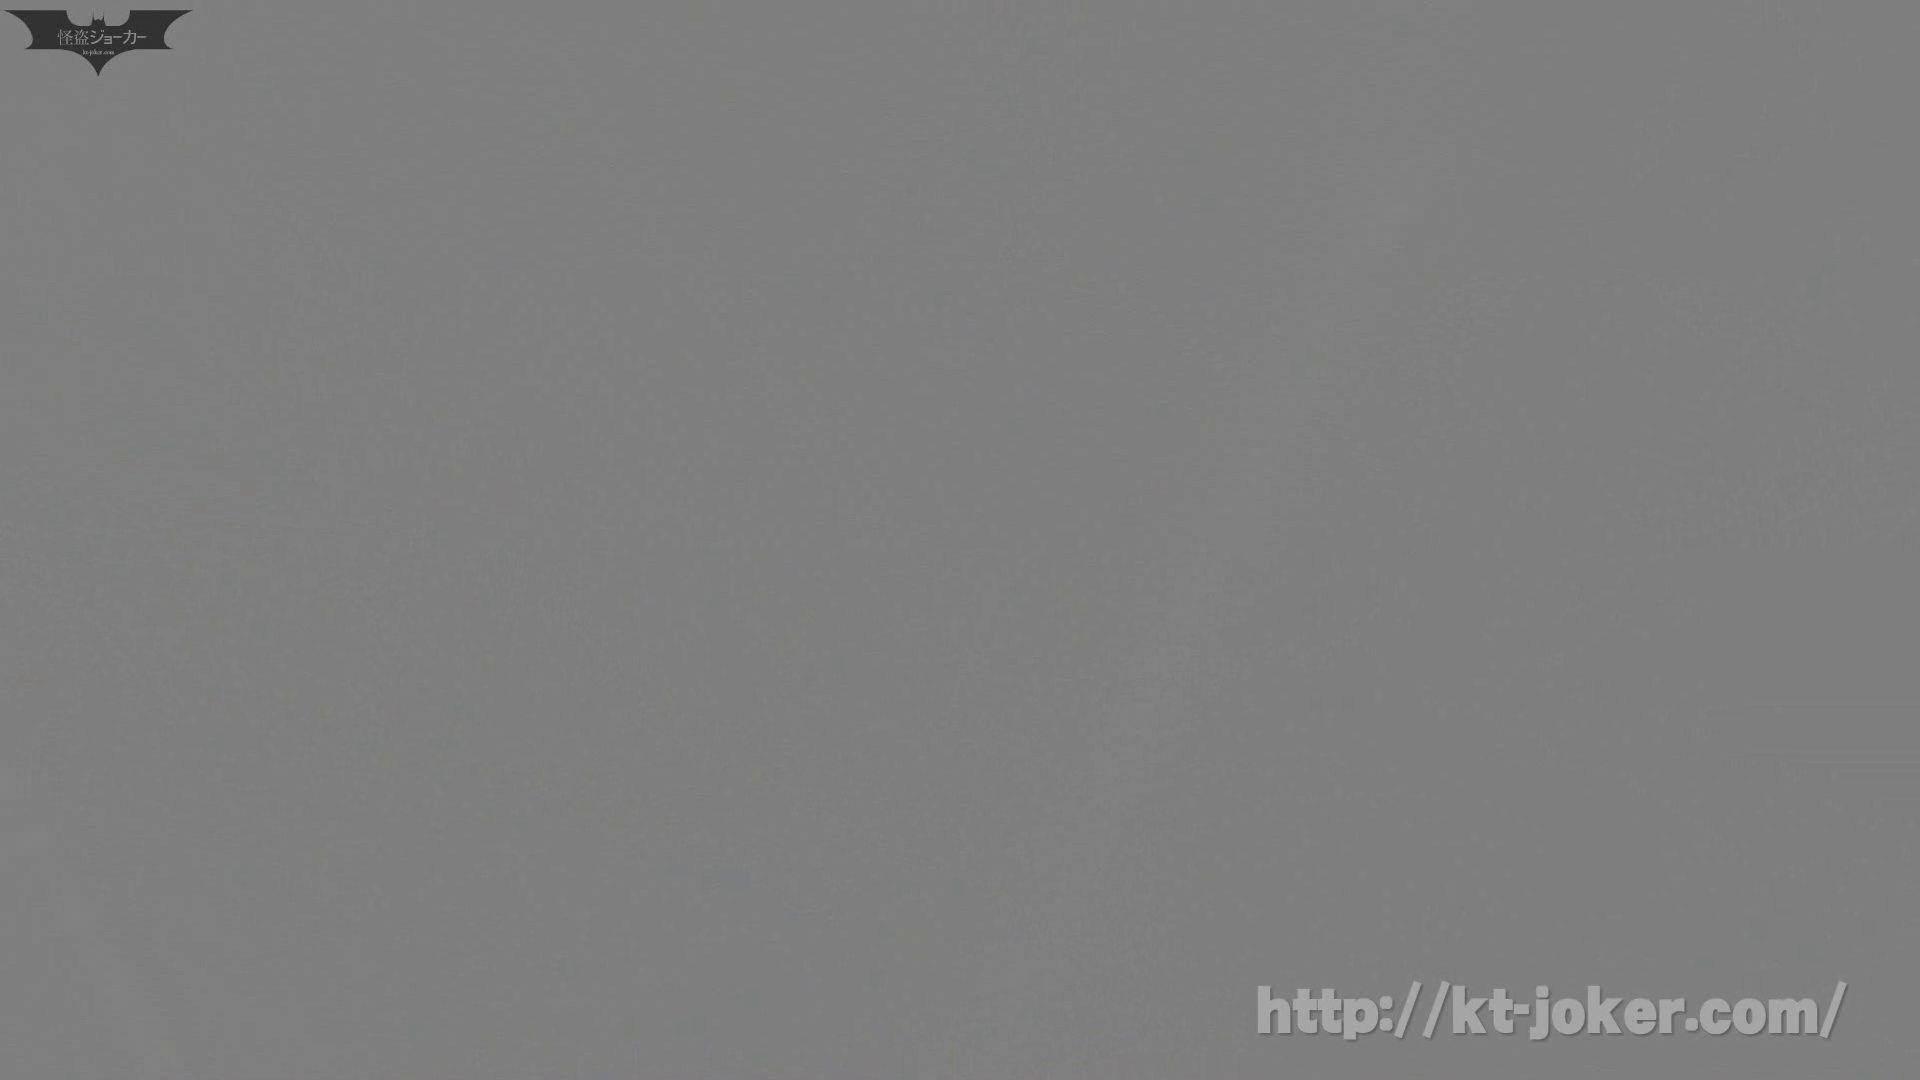 命がけ潜伏洗面所! vol.55 モデル級?「いやモデルだね!」な美女登場! いやらしいOL 女性器鑑賞 92連発 50